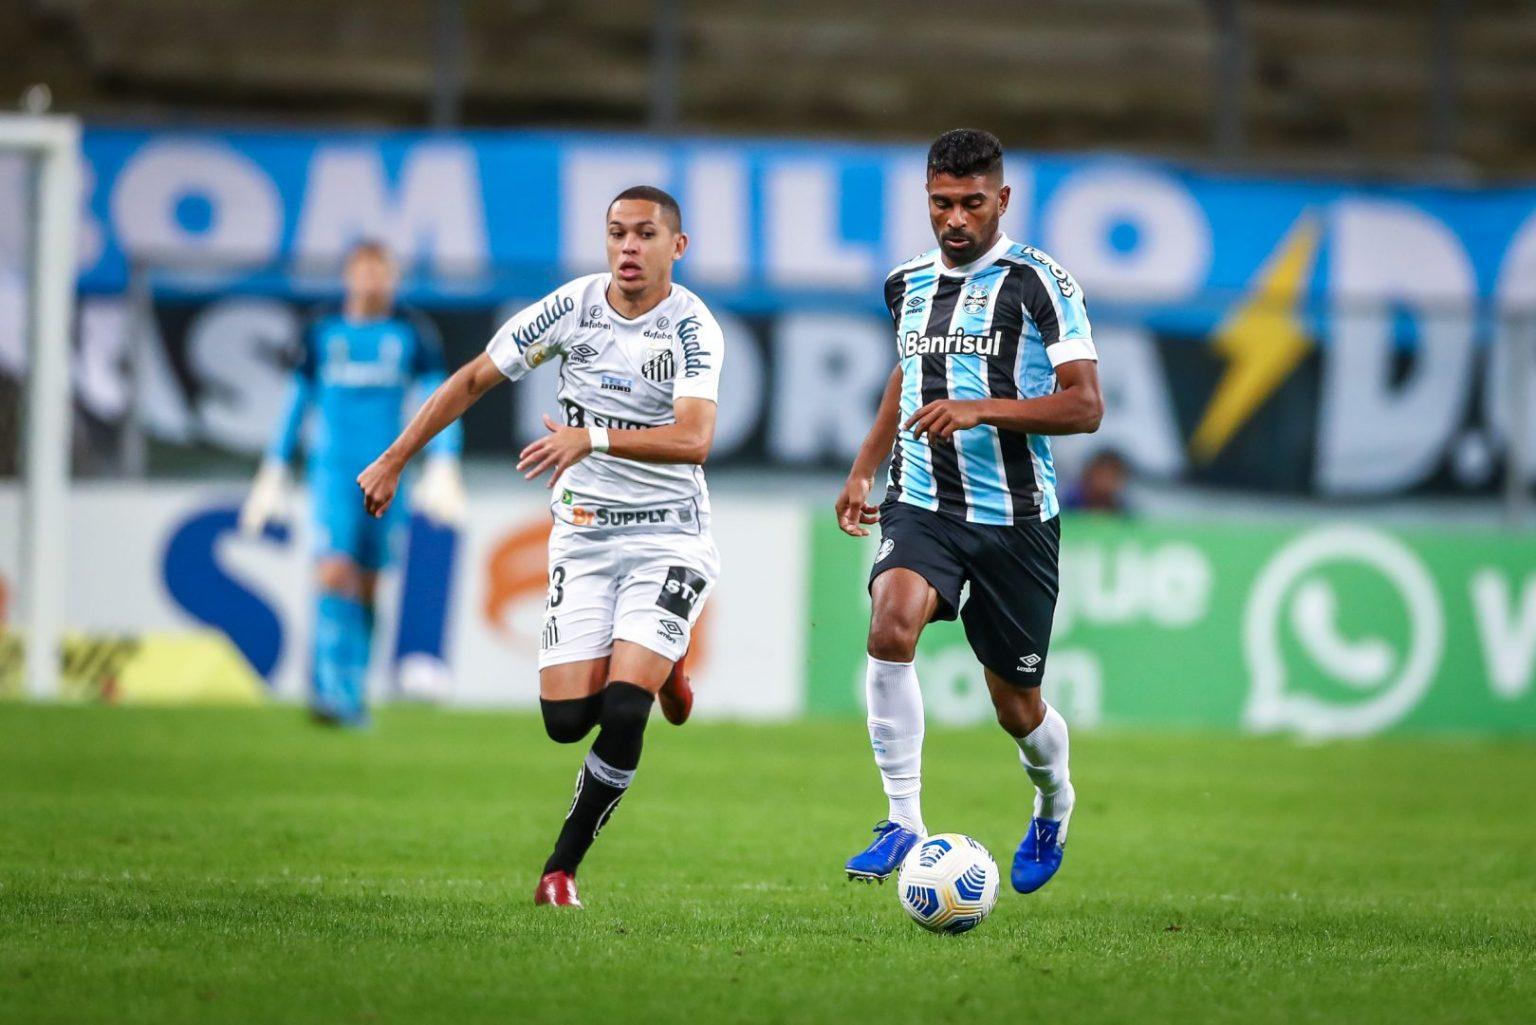 No primeiro turno, Grêmio e Santos empataram por 2 a 2 na Arena Foto: Lucas Uebel / Grêmio FBPA